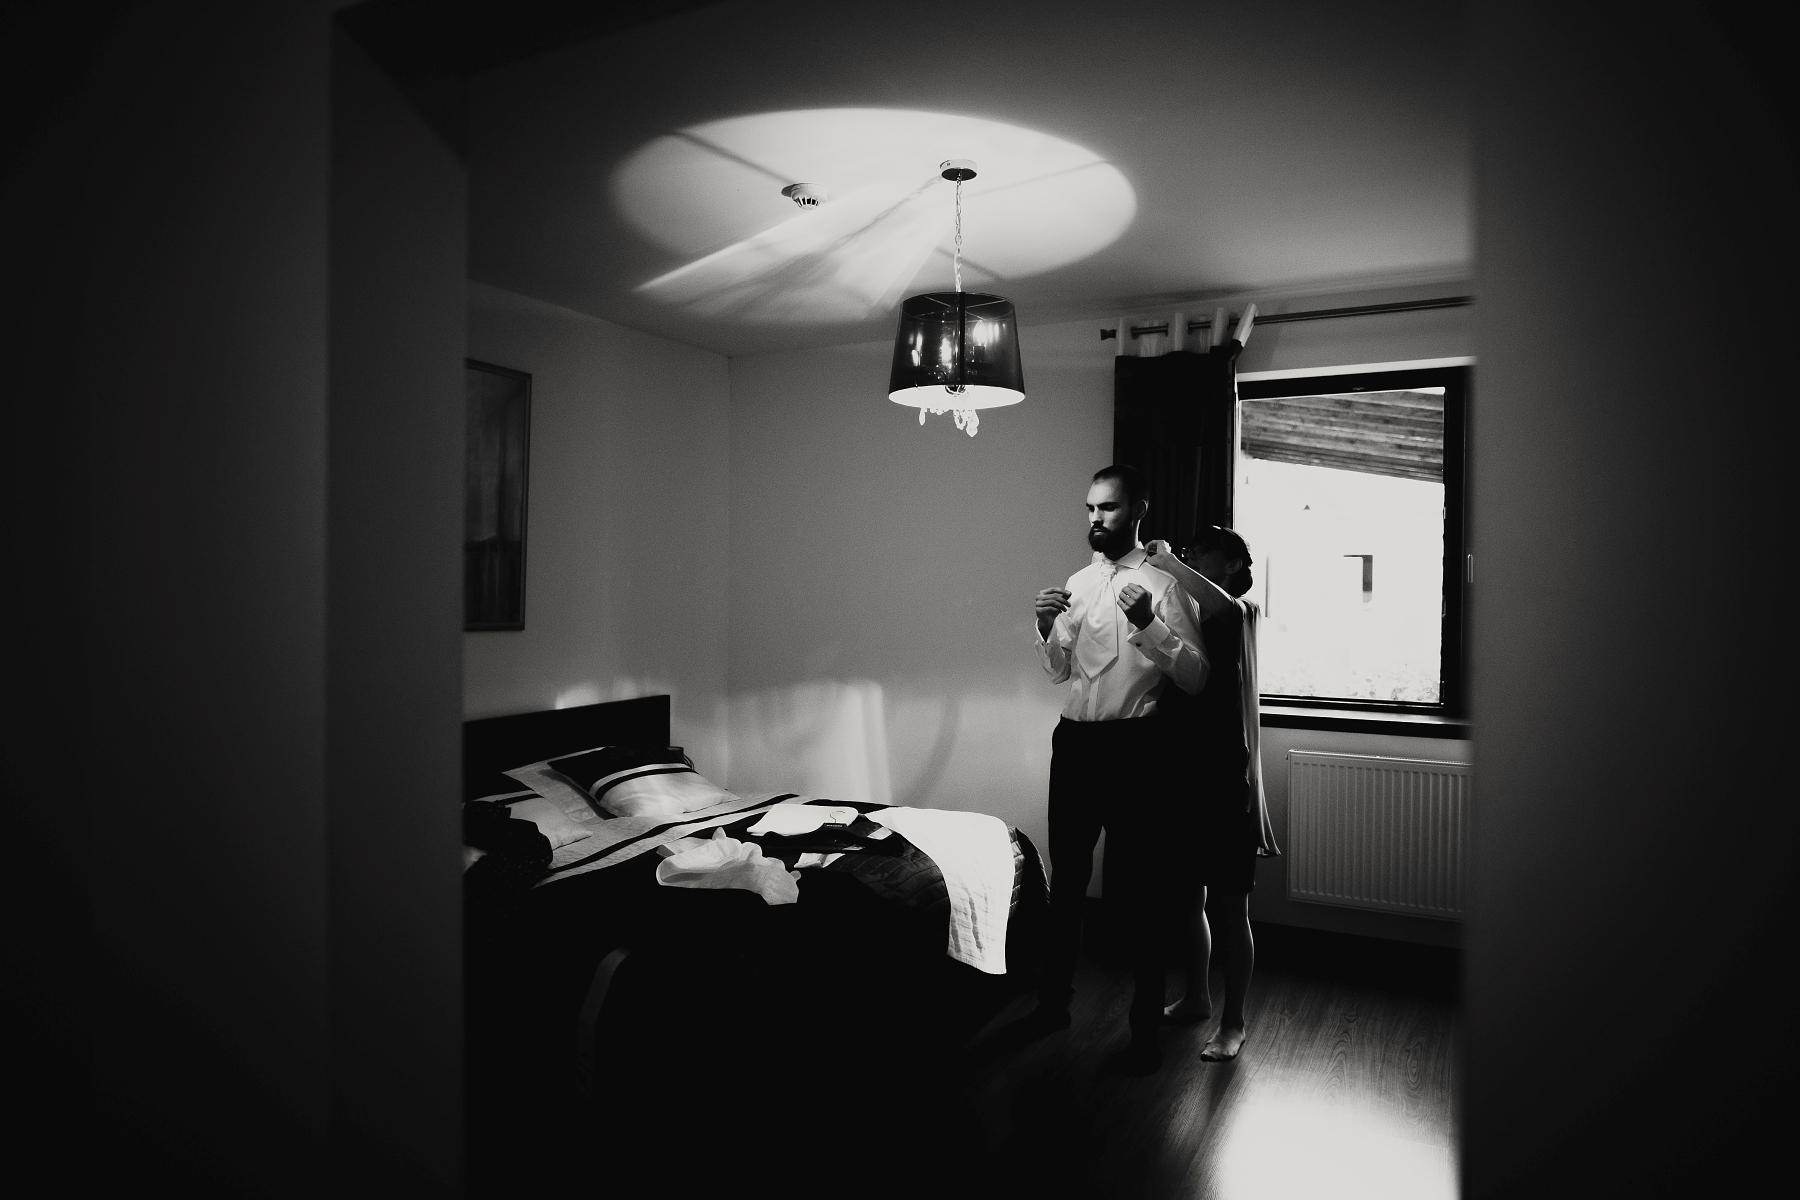 foto na oznamko, fotograf žilina, fotograf banská bystrica, fotograf trenčín, fotograf nitra, fotograf trnava, fotograf bratislava, fotenie v tatrách, fotograf poprad, fotograf sabinov, svadobné fotenie, fotograf praha, svatebni foceni, fotograf na svatbu